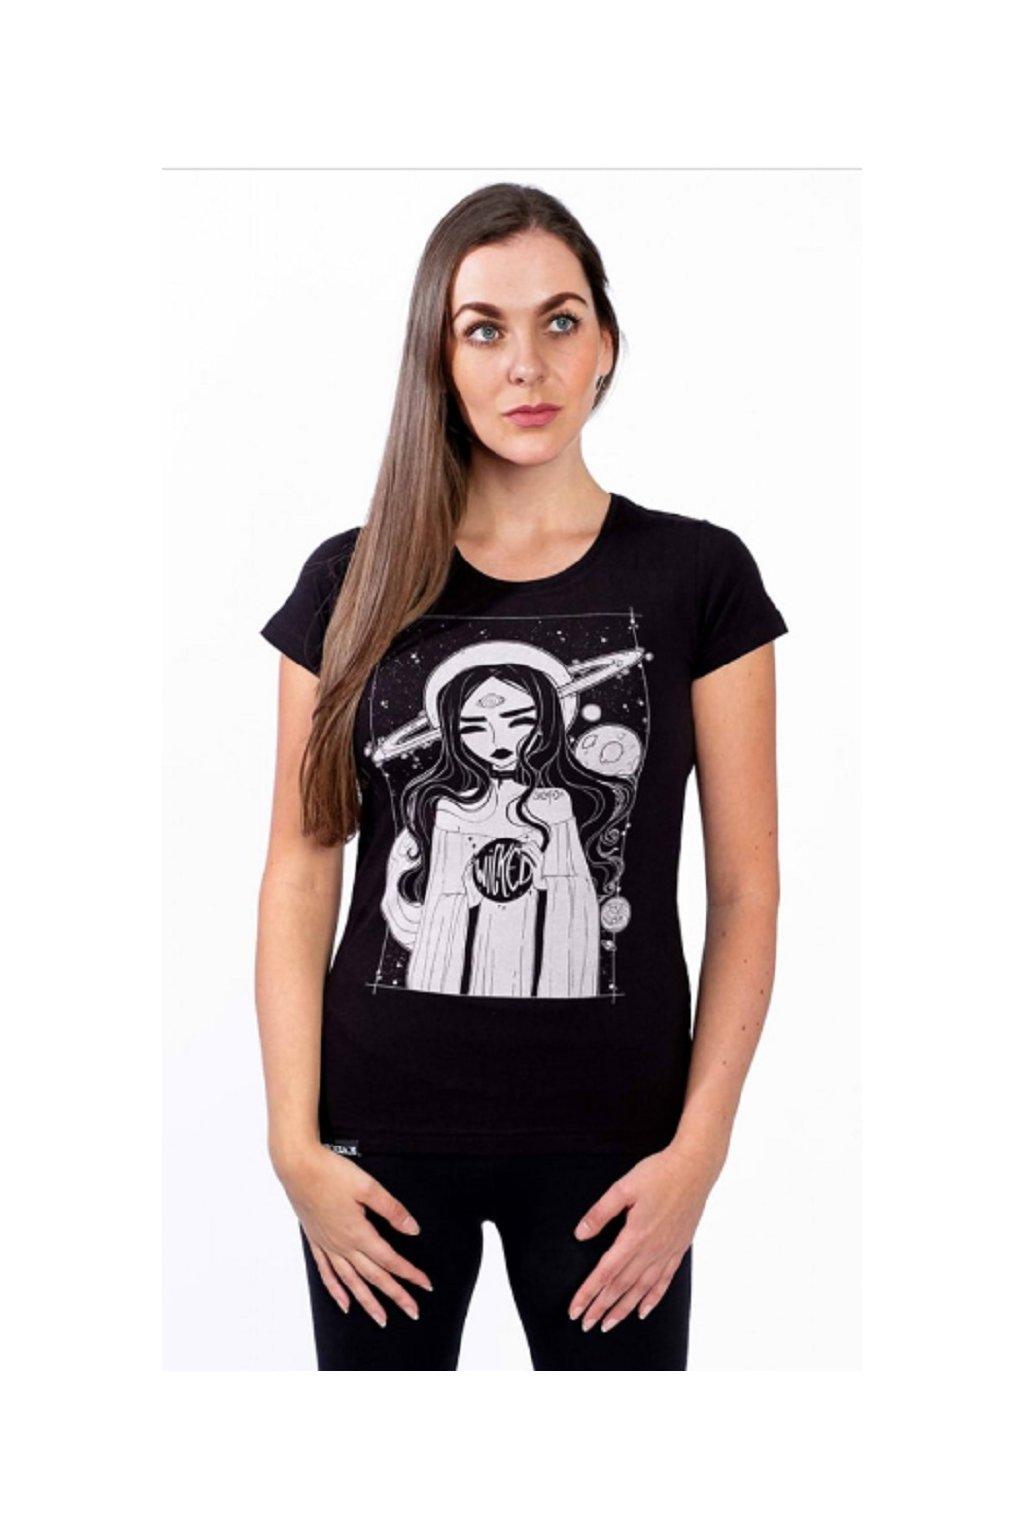 SickFace dámské triko Wicked obr1